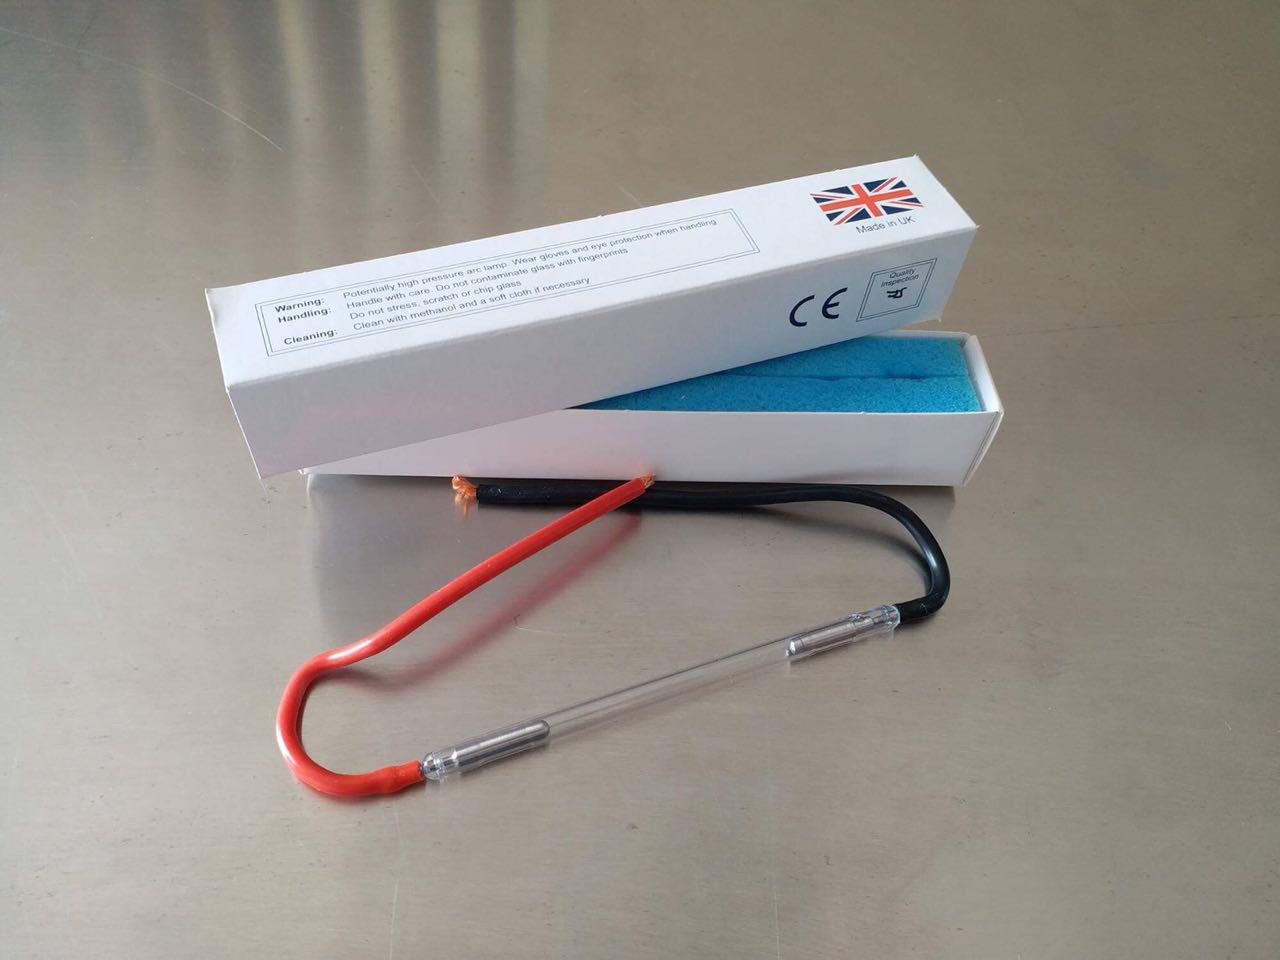 Змінні лампи для ipl shr opt (ELOS) на 300000 -500000 спалахів! Англія.